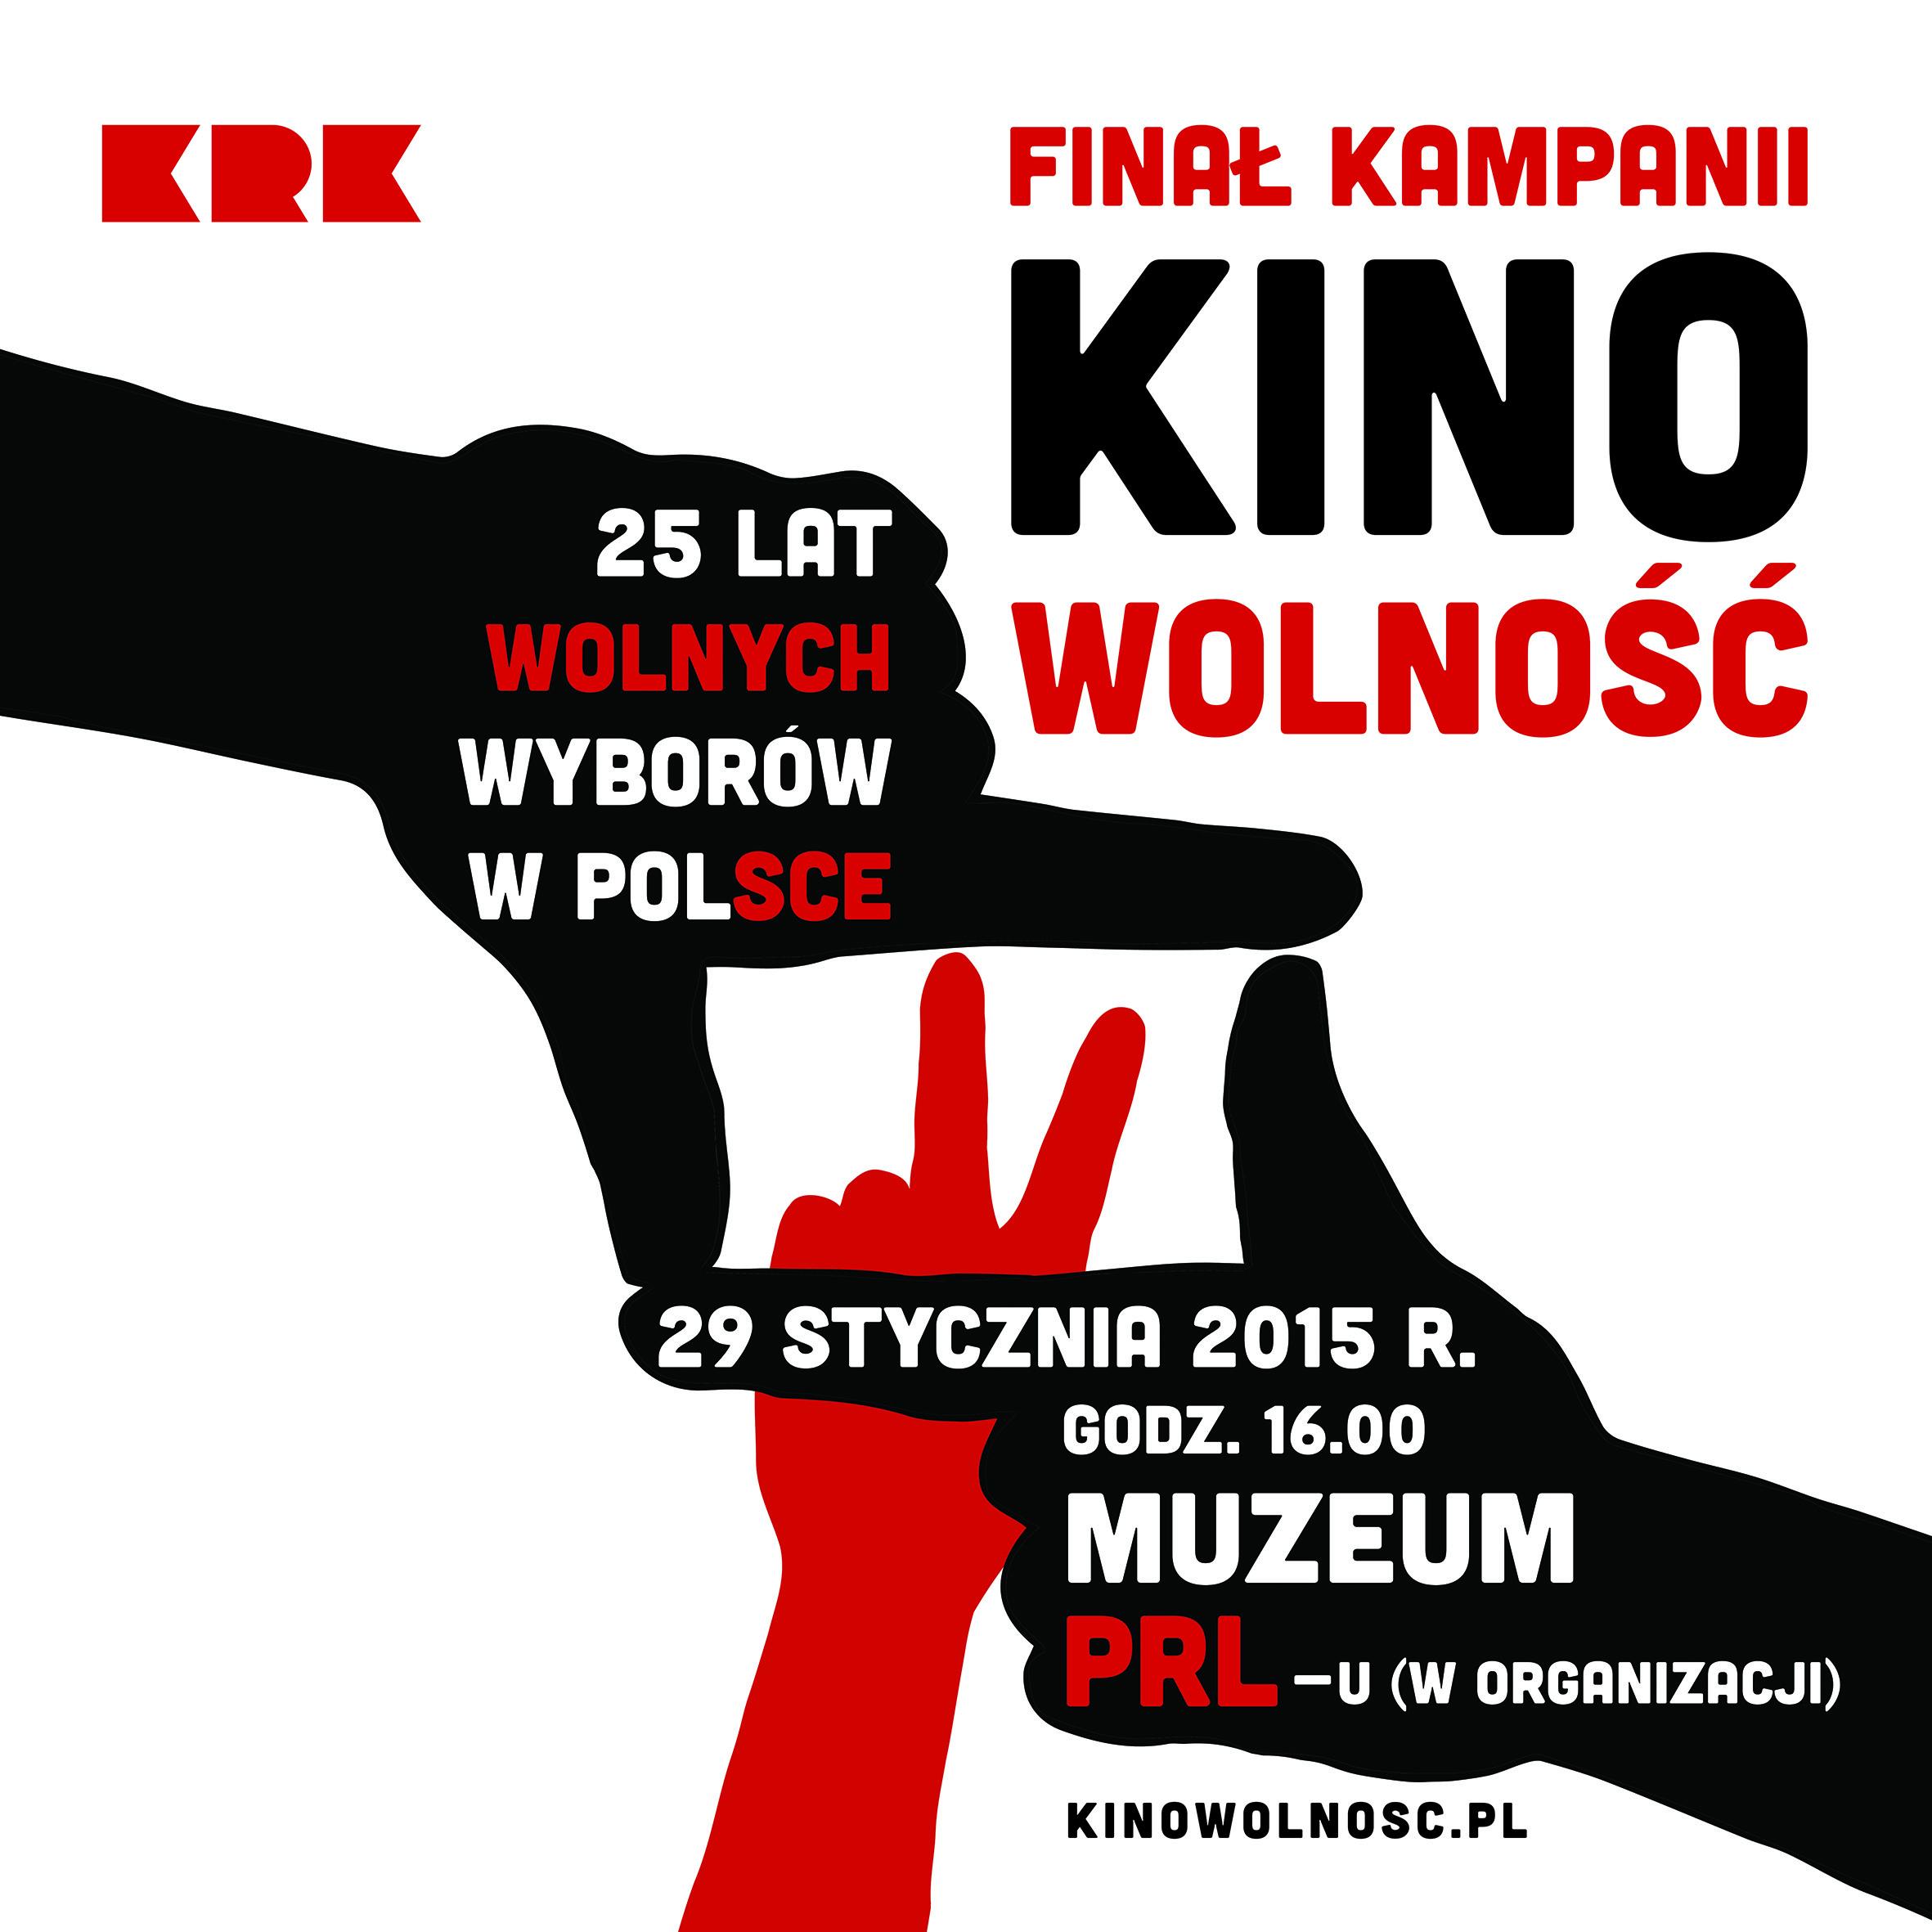 Finał projektu Kina Wolności odbędzie się w Krakowie (źródło: materiały prasowe organizatora)